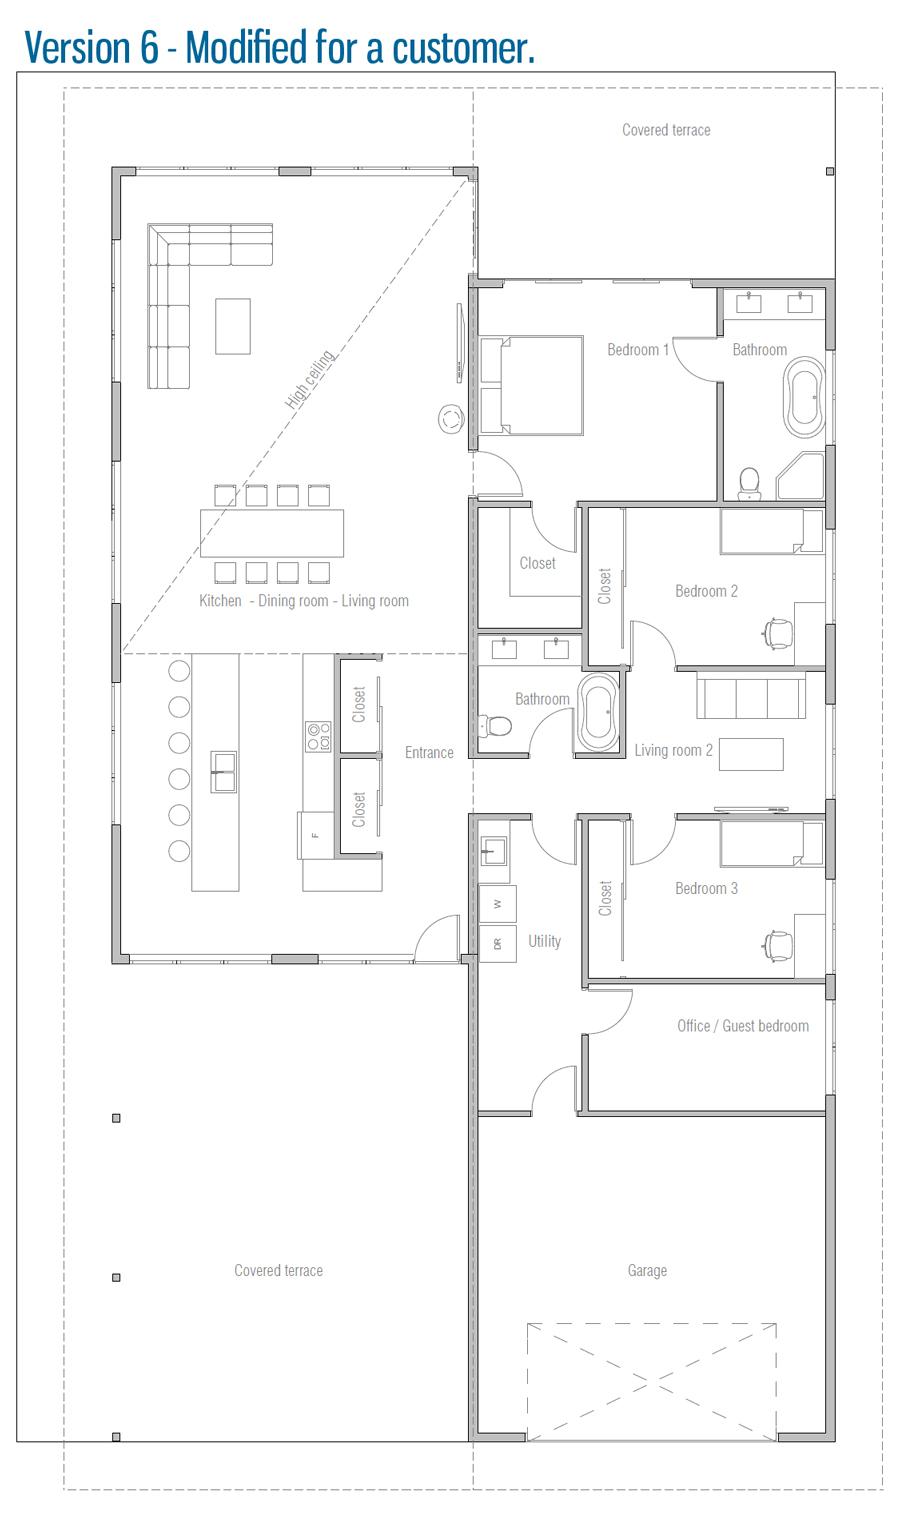 house-plans-2019_45_CH588_V6.jpg